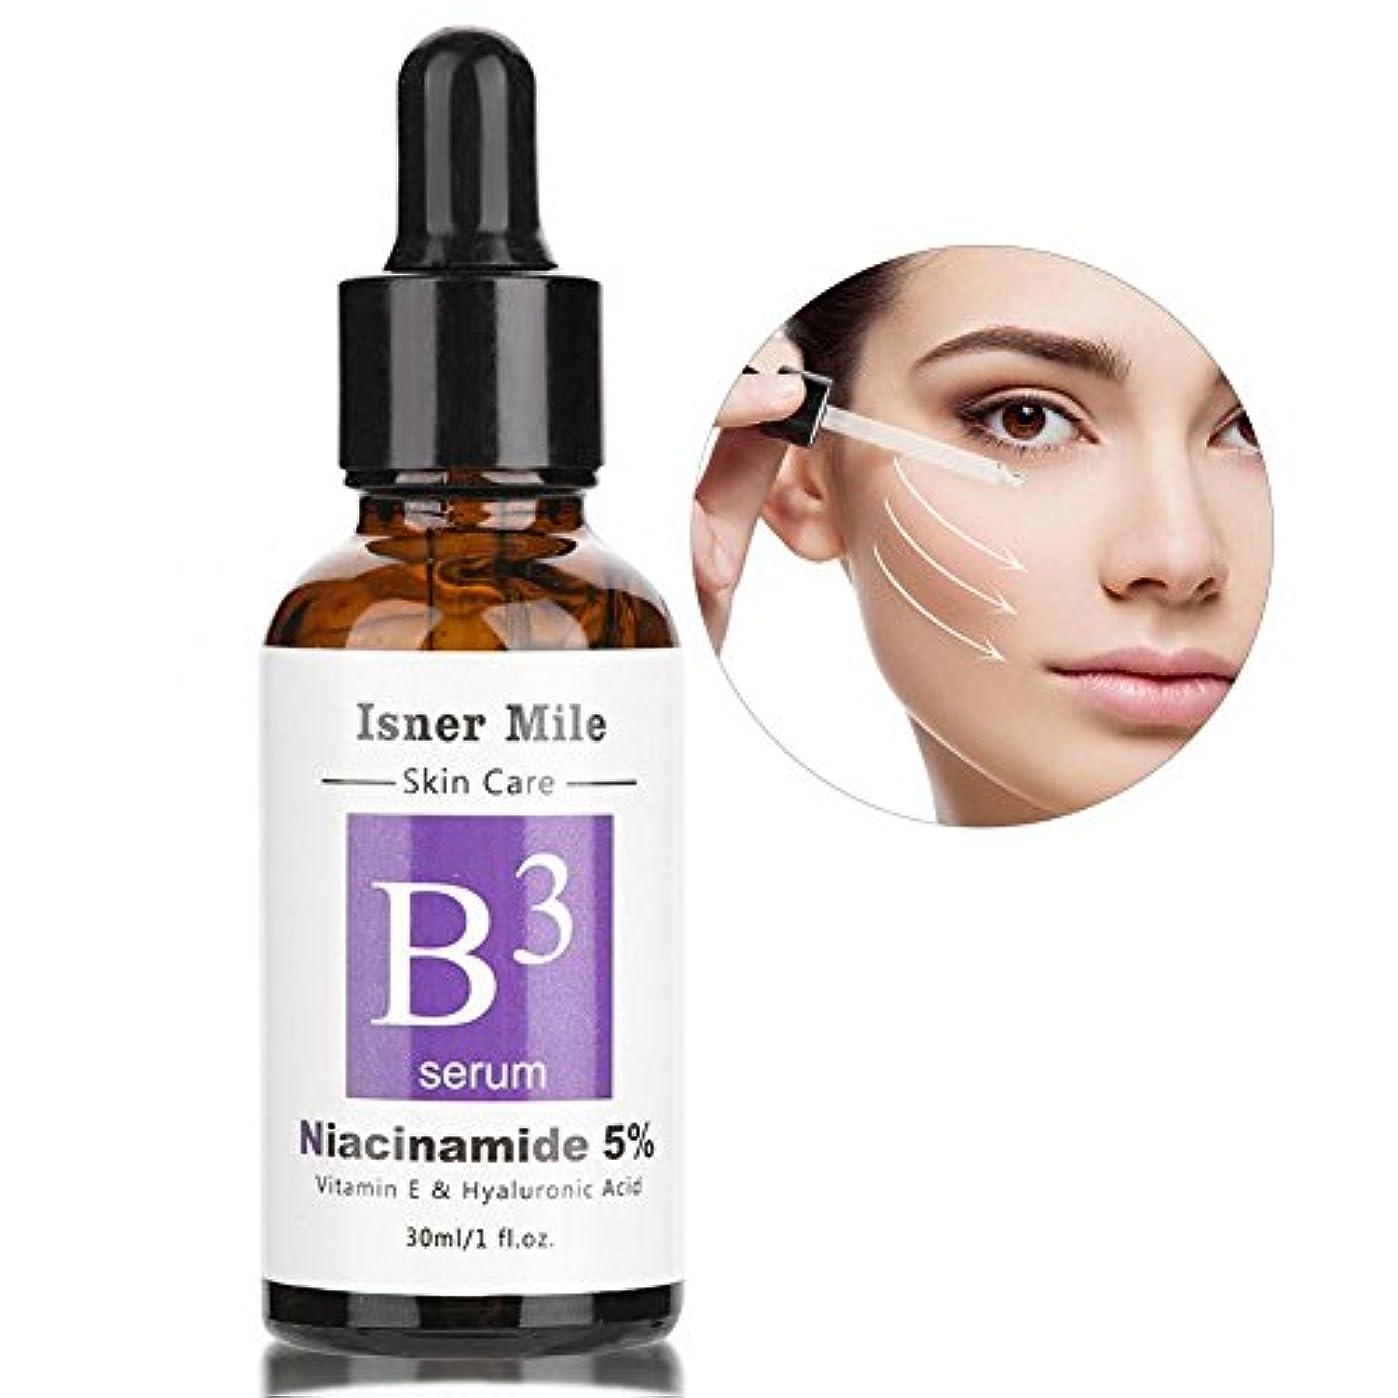 好み年齢有効スキンケアエッセンス、ピュア5%ナイアシンアミドビタミンE&ヒアルロン酸フェイスセラムモイスチャライジング 顔のケア プレゼント